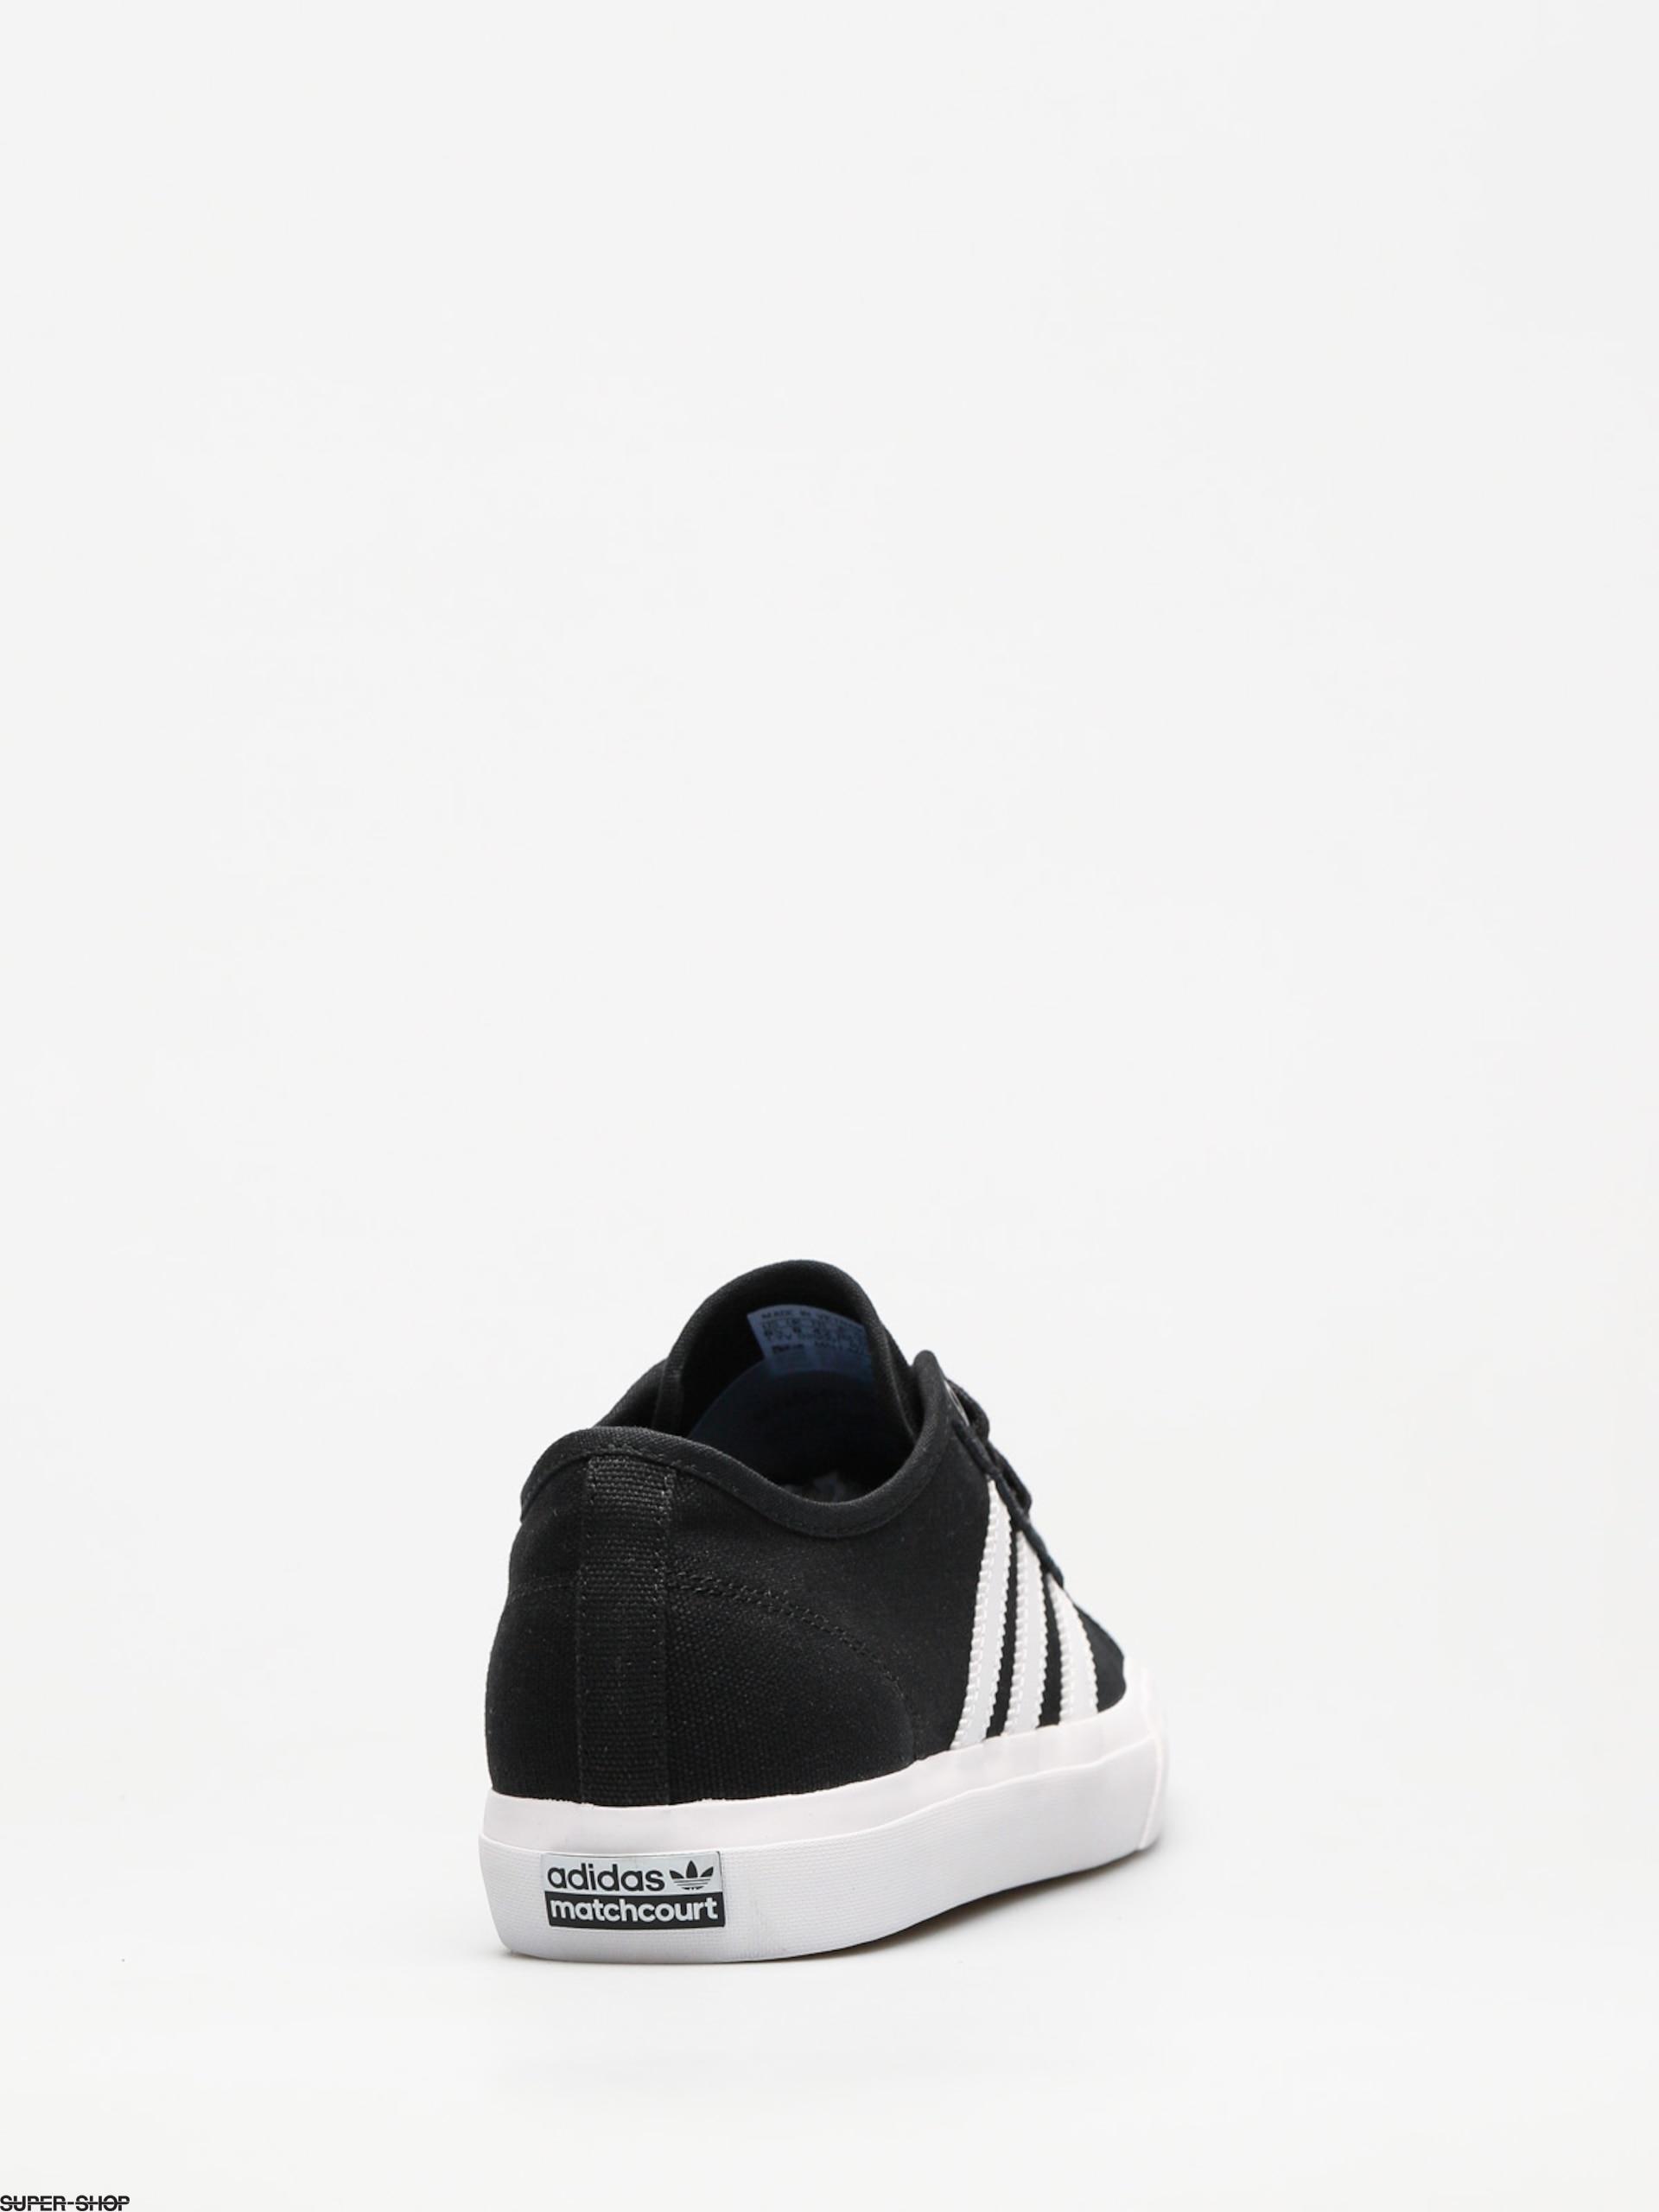 46751ab1bbcc adidas Shoes Matchcourt Rx (core black ftwr white core black)